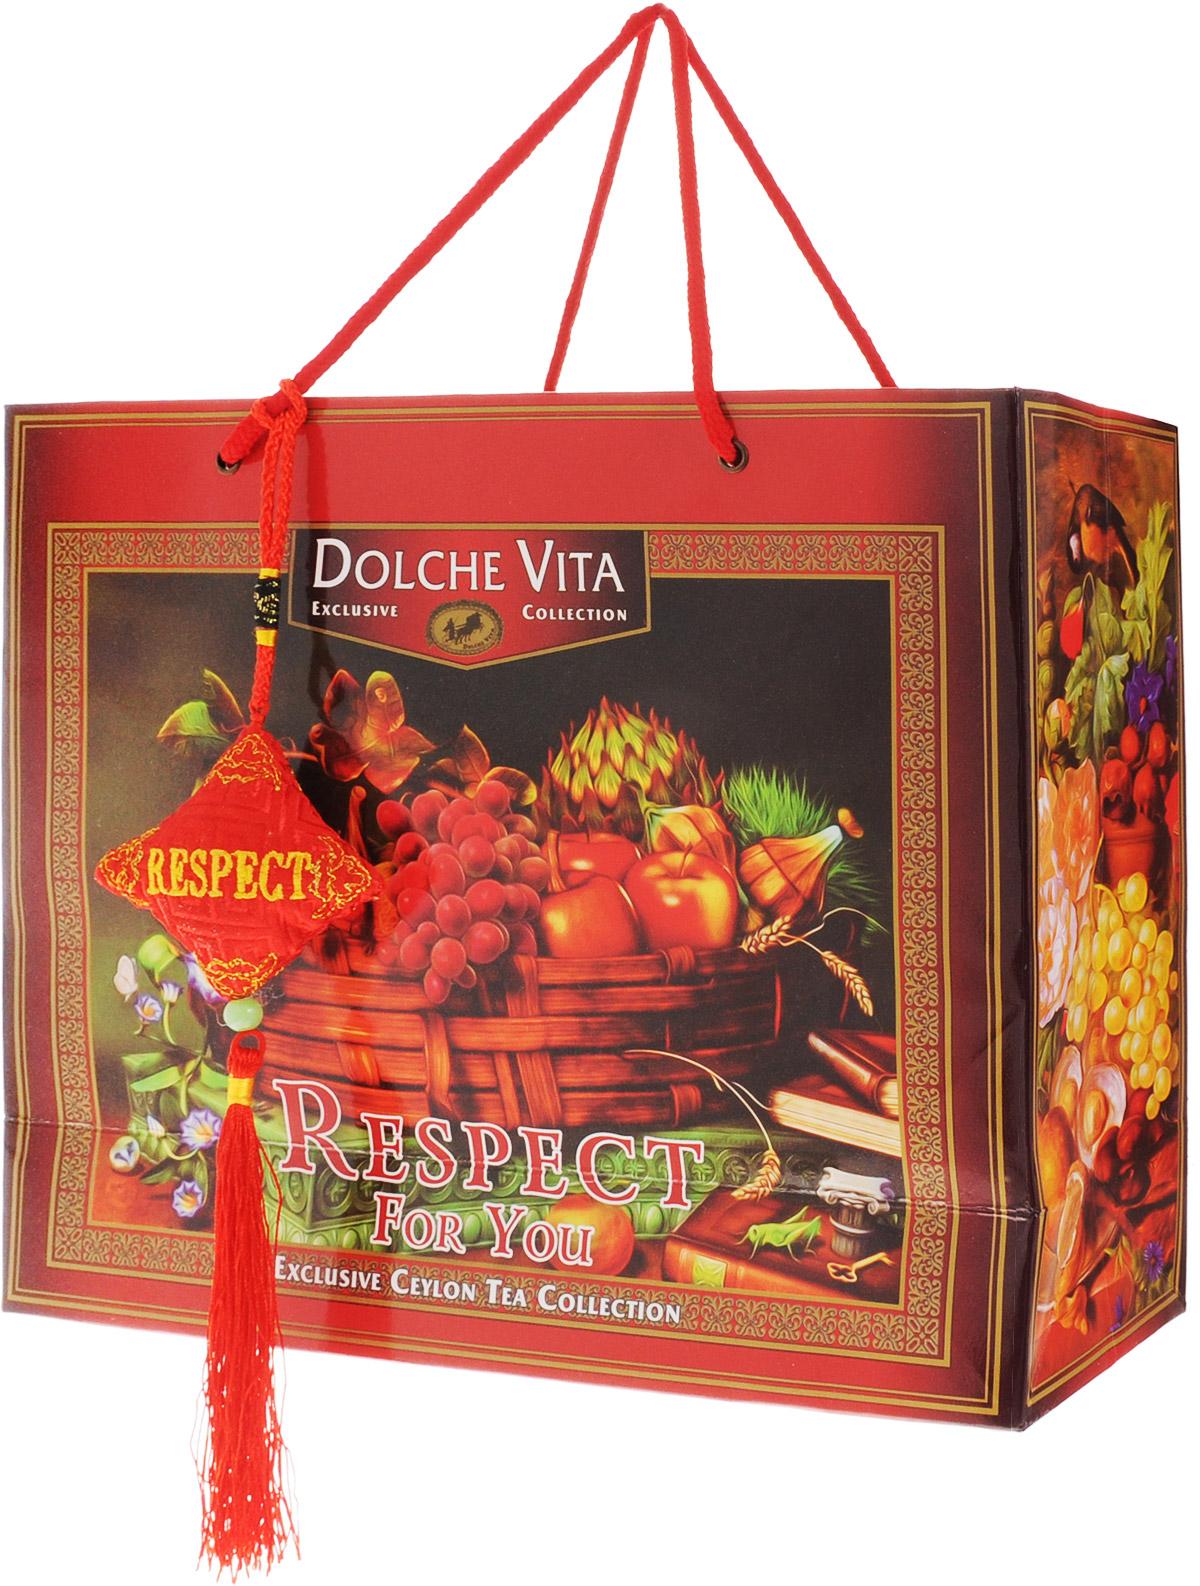 Dolche Vita Respect подарочный набор черного листового чая, 200 г0120710Подарочный набор черного листового чая Dolche Vita Respect включает в себя плантационный цейлонский черный крупнолистовой чай и ароматизированный цейлонский черный крупнолистовой чай, упакованные в подарочную коробку и пакет.